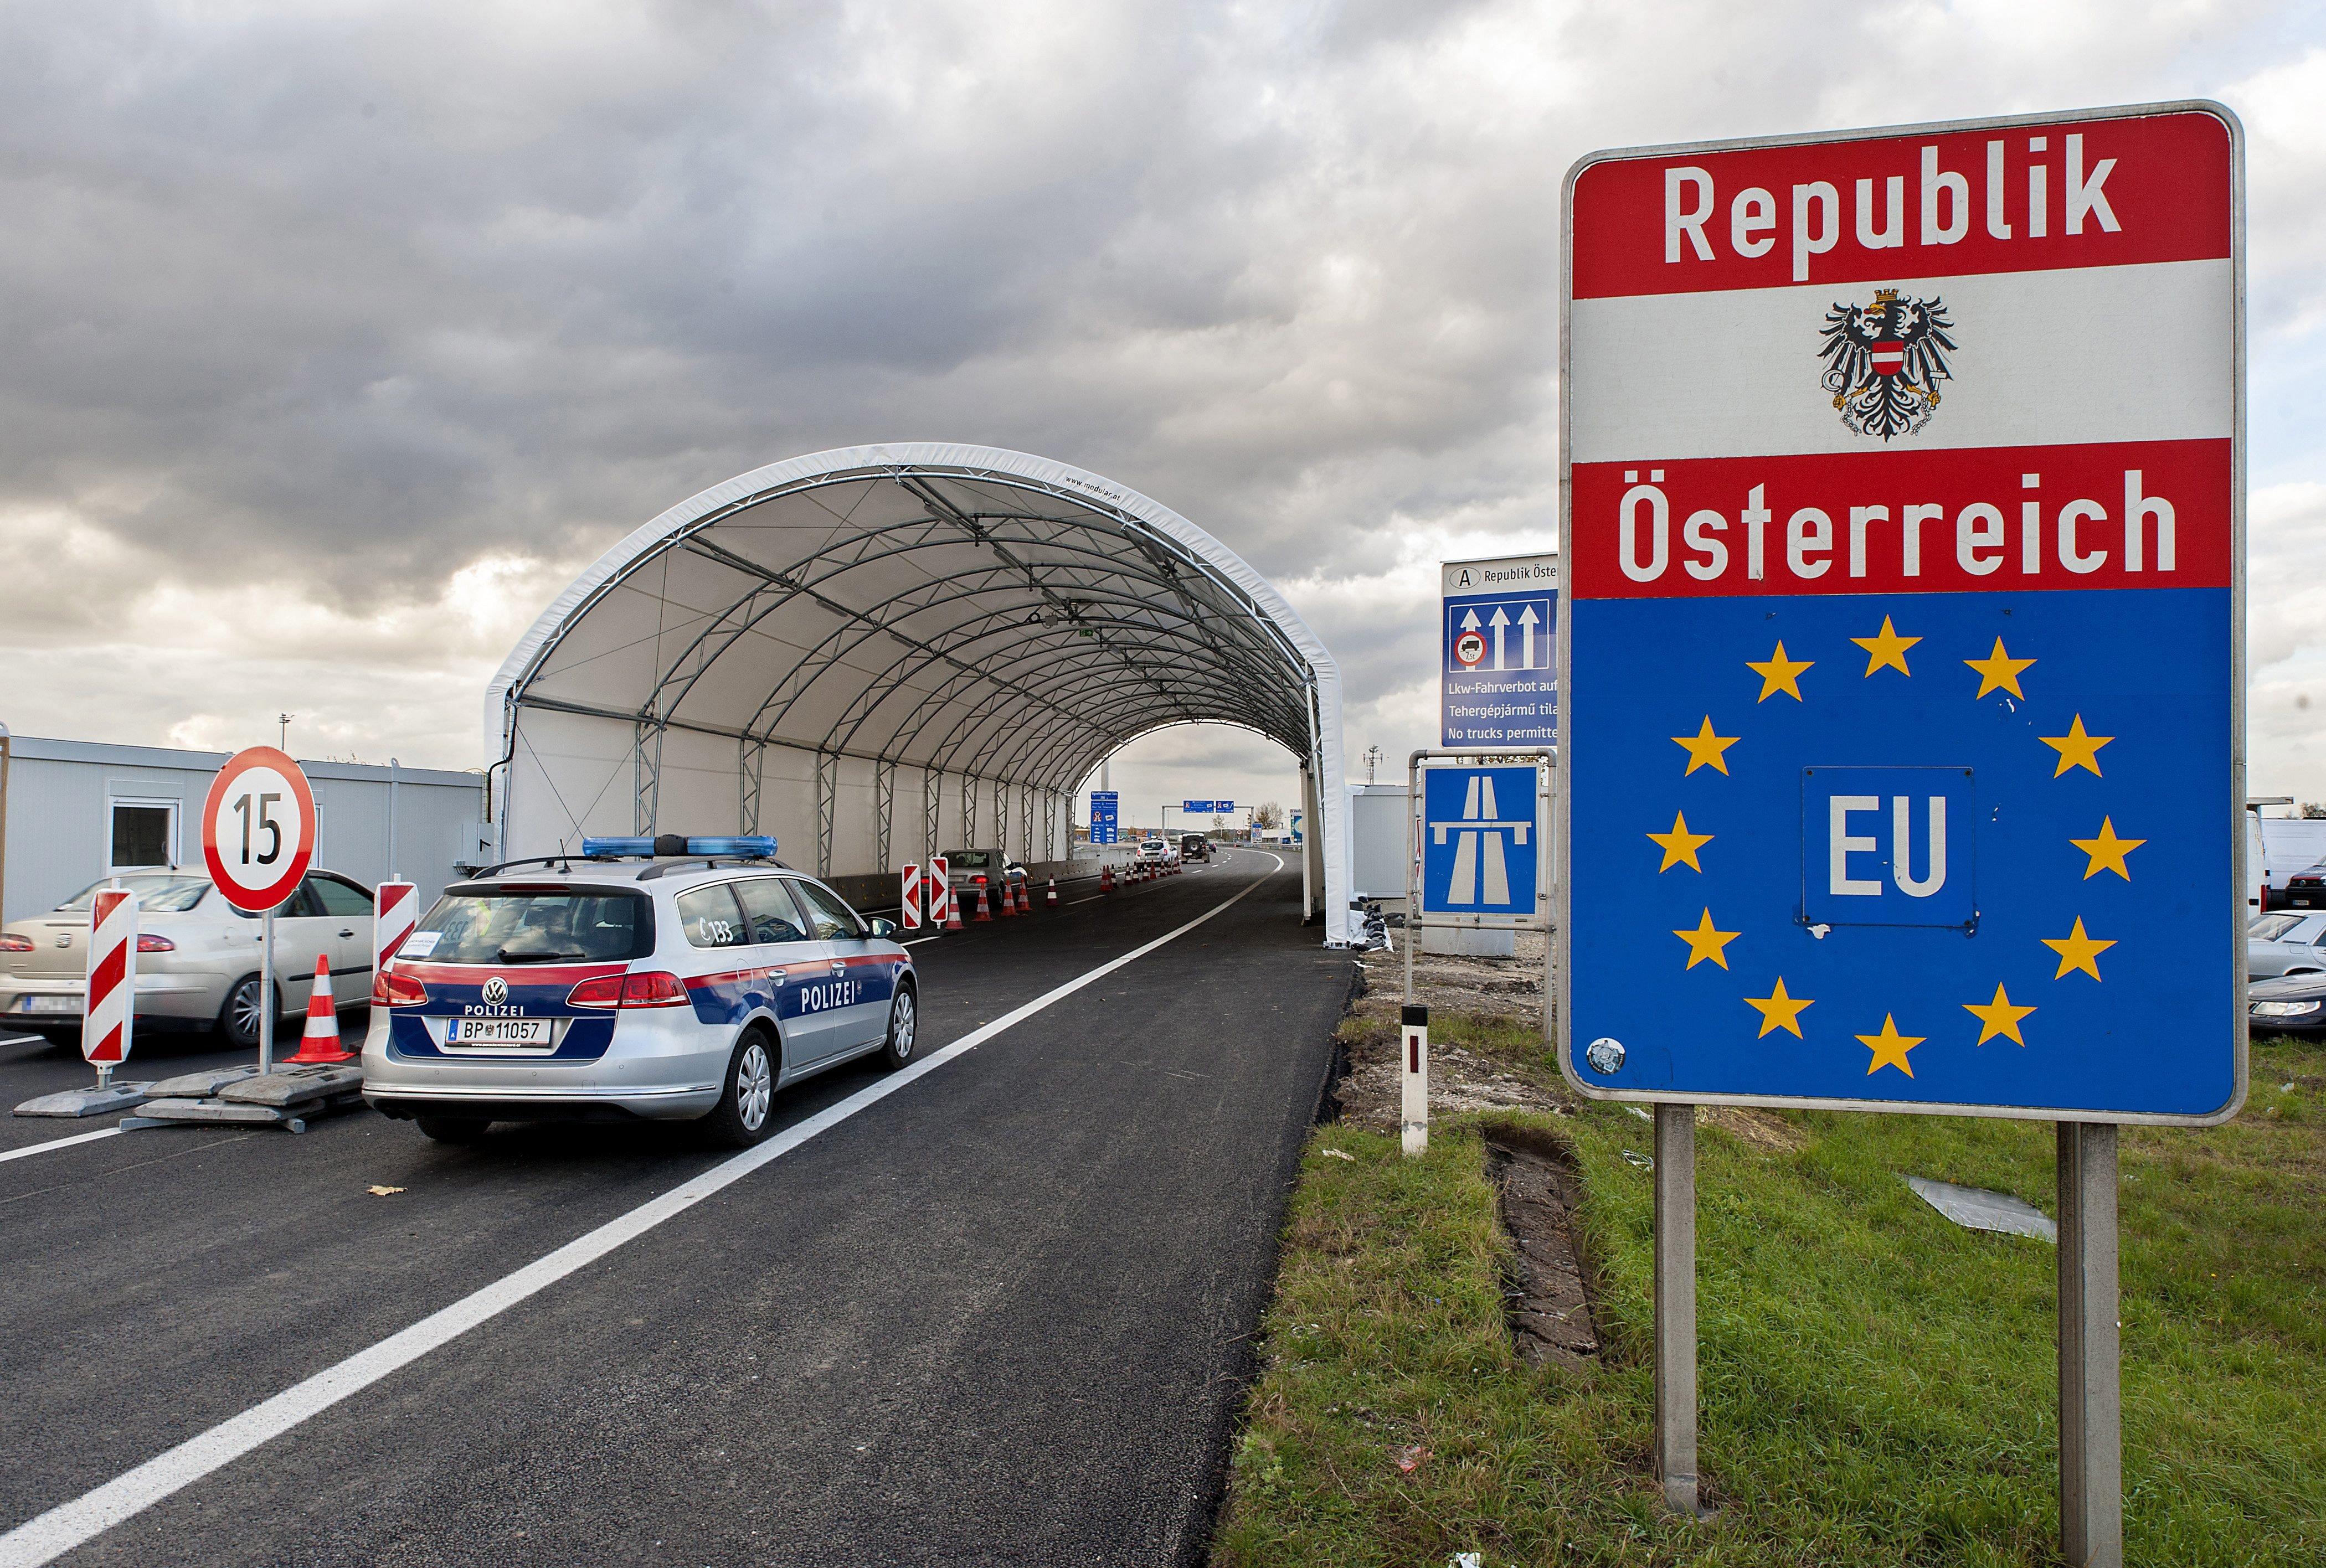 Auch Ungarn erlaubt nun Einreise aus Österreich - Ungarn Heute